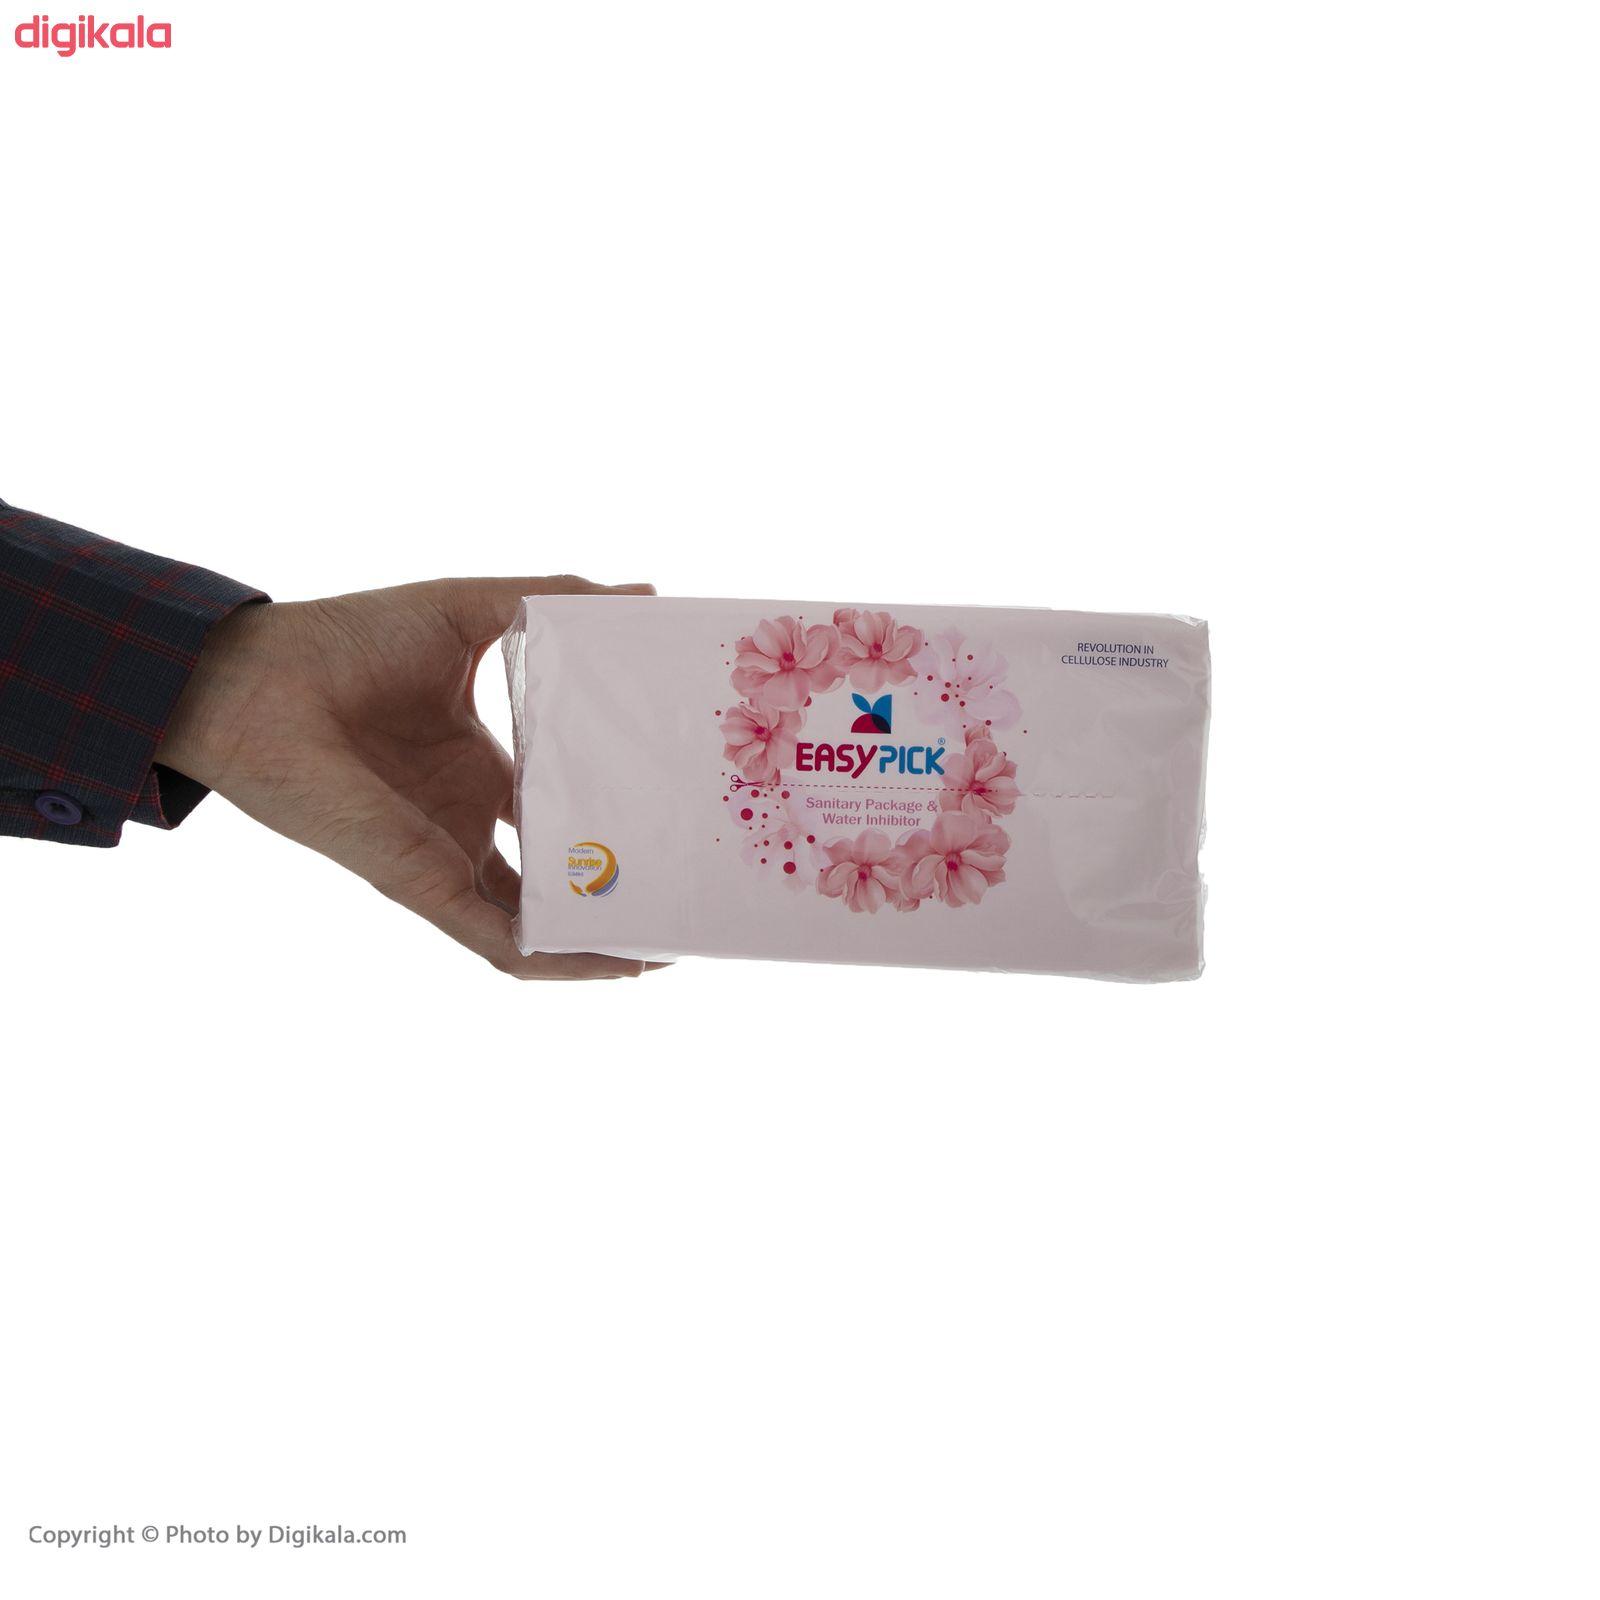 دستمال کاغذی 150 برگ ایزی پیک مدل Luxury بسته 6 عددی main 1 6